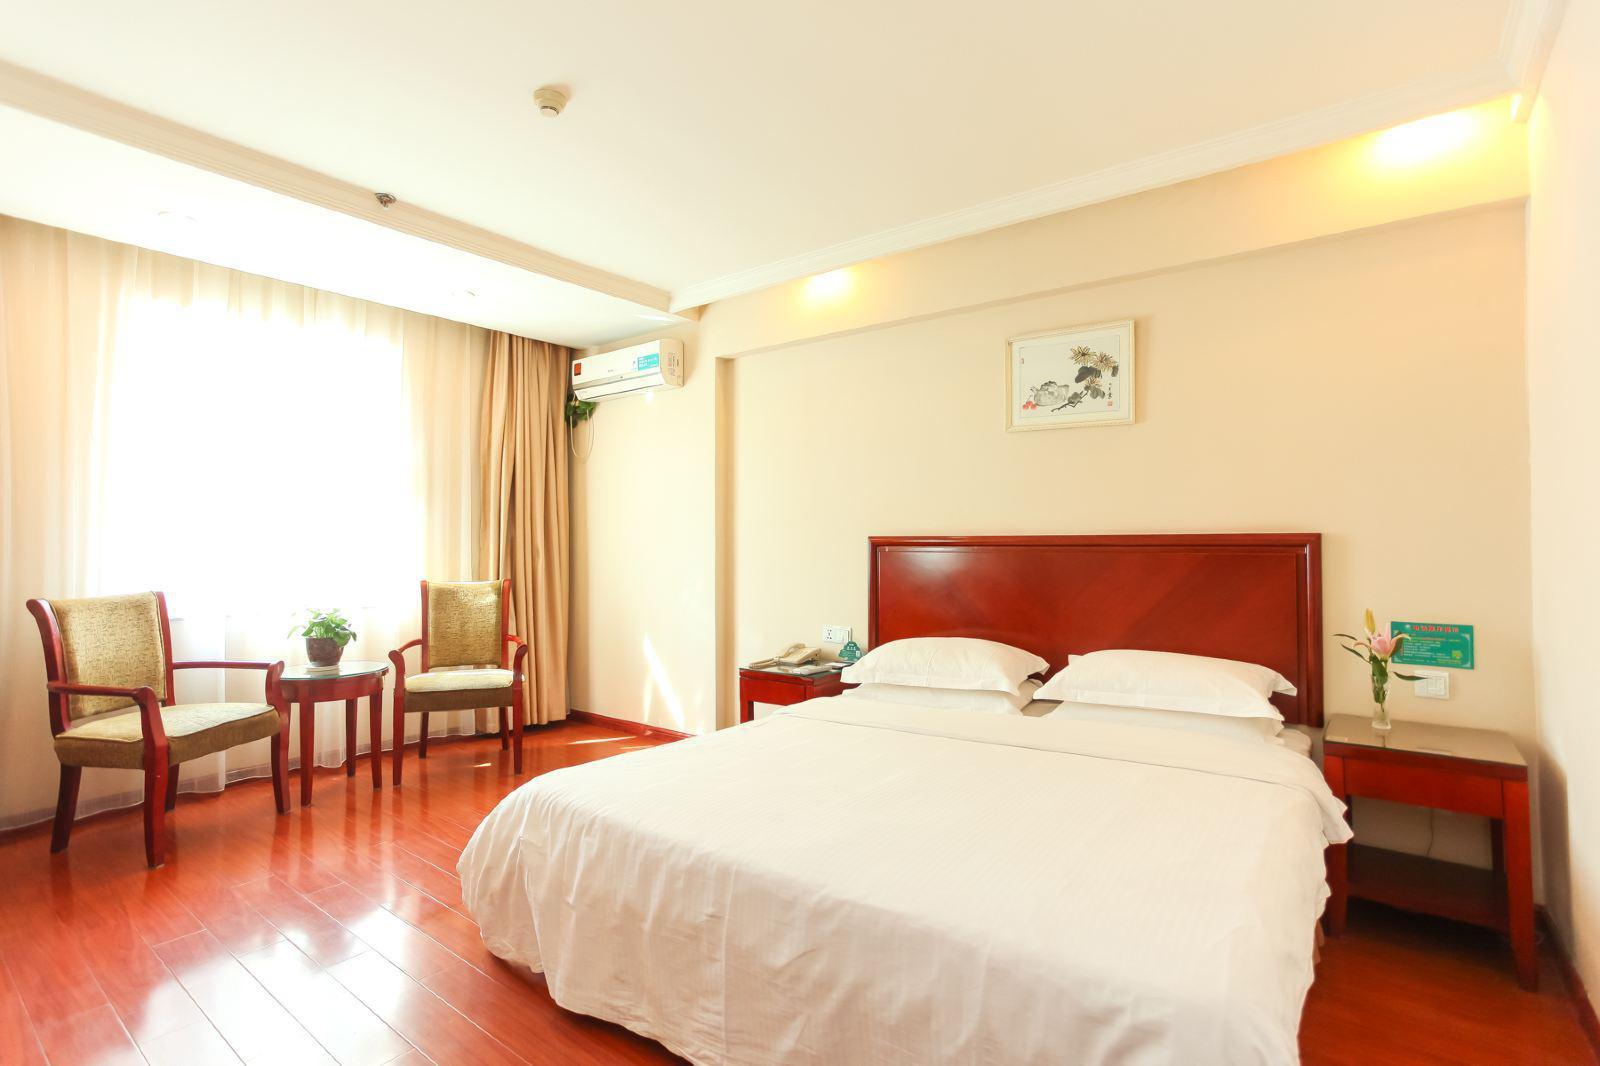 GreenTree Inn Jiangsu Huaian West Huaihai Road Business Hotel